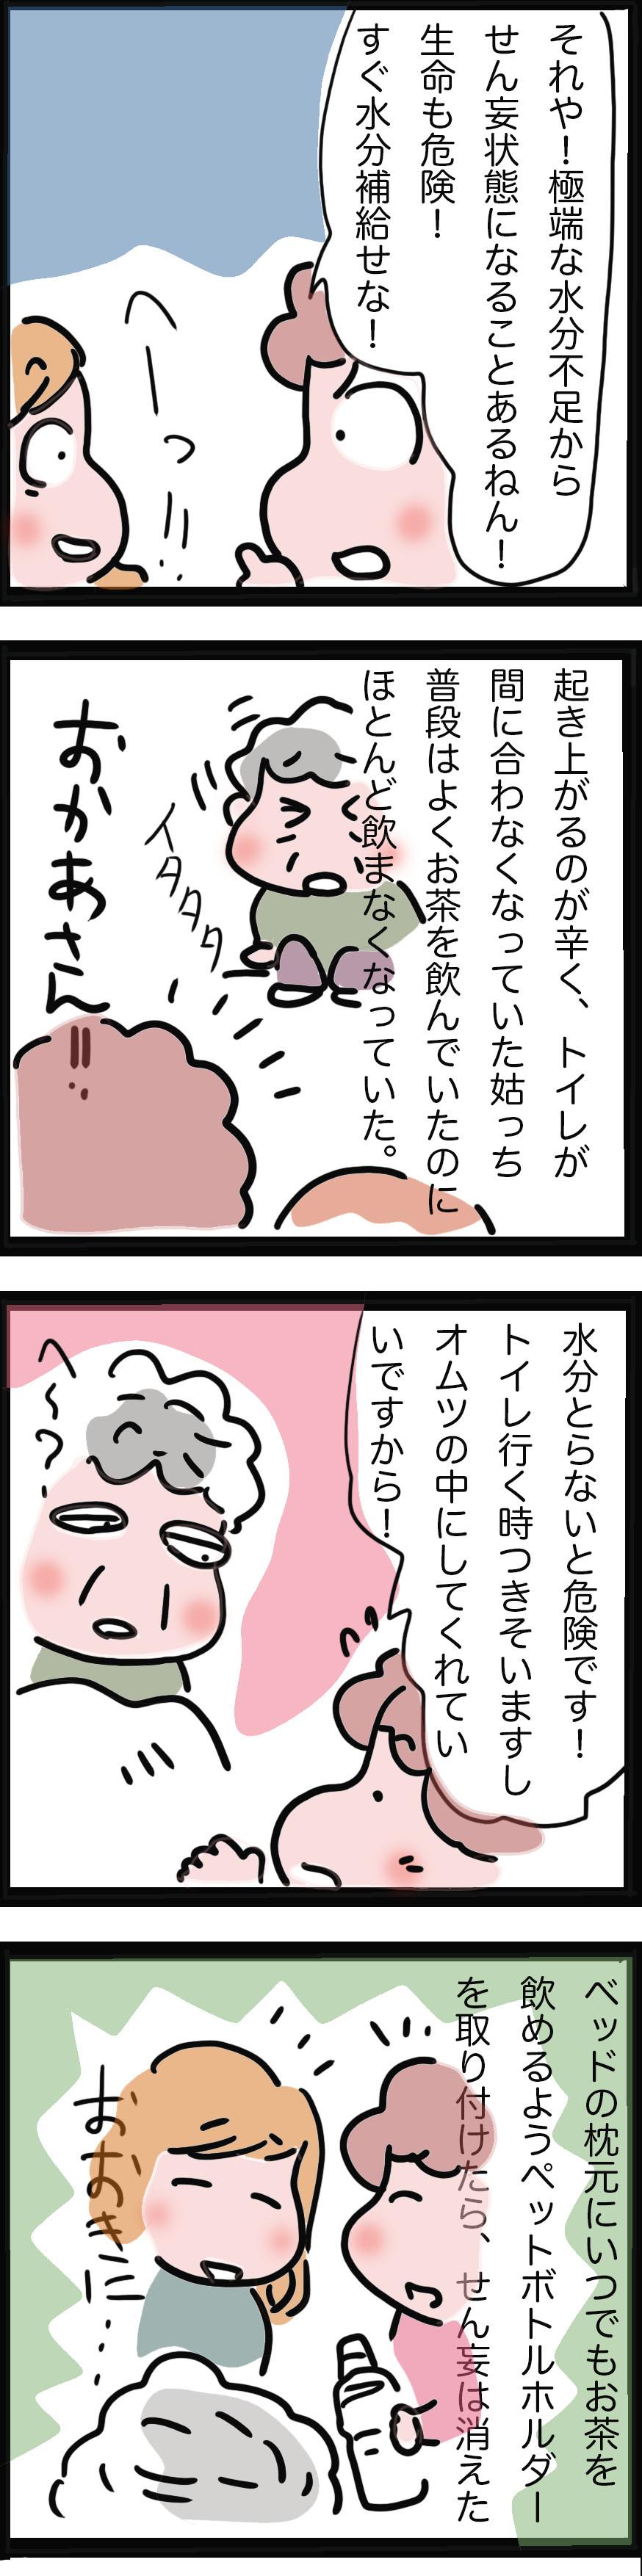 せん妄と幻視2.jpg